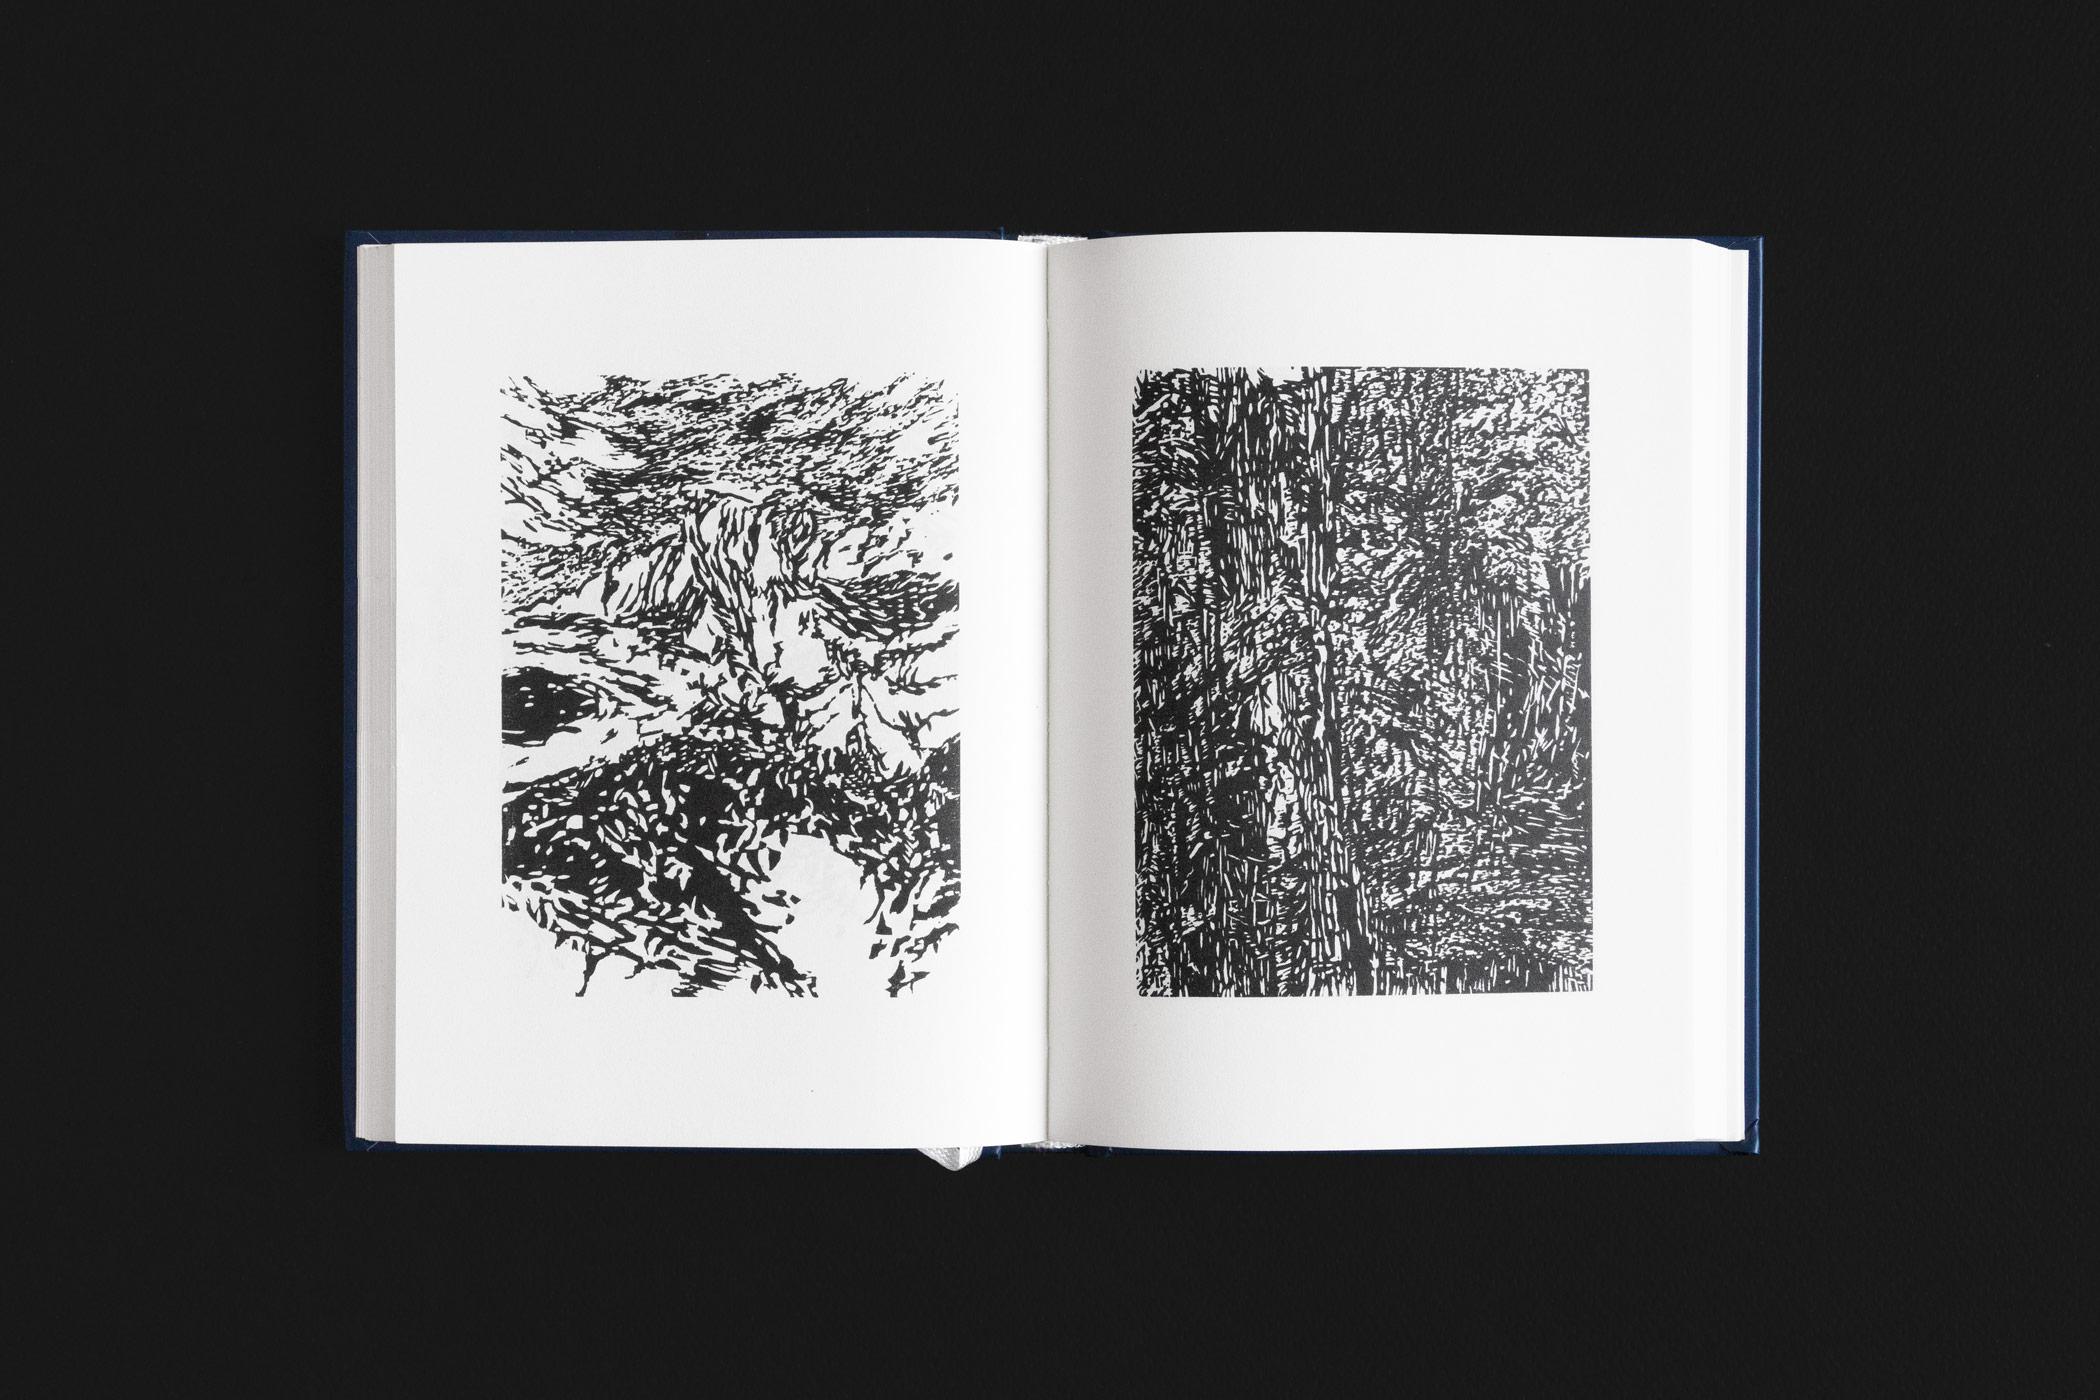 """Das Buch """"Geheimnisvolle Weiten"""" von Otokar Březina erschienen im Ketos Verlag mit zwei Holzschnitten von Christian Thanhäuser"""